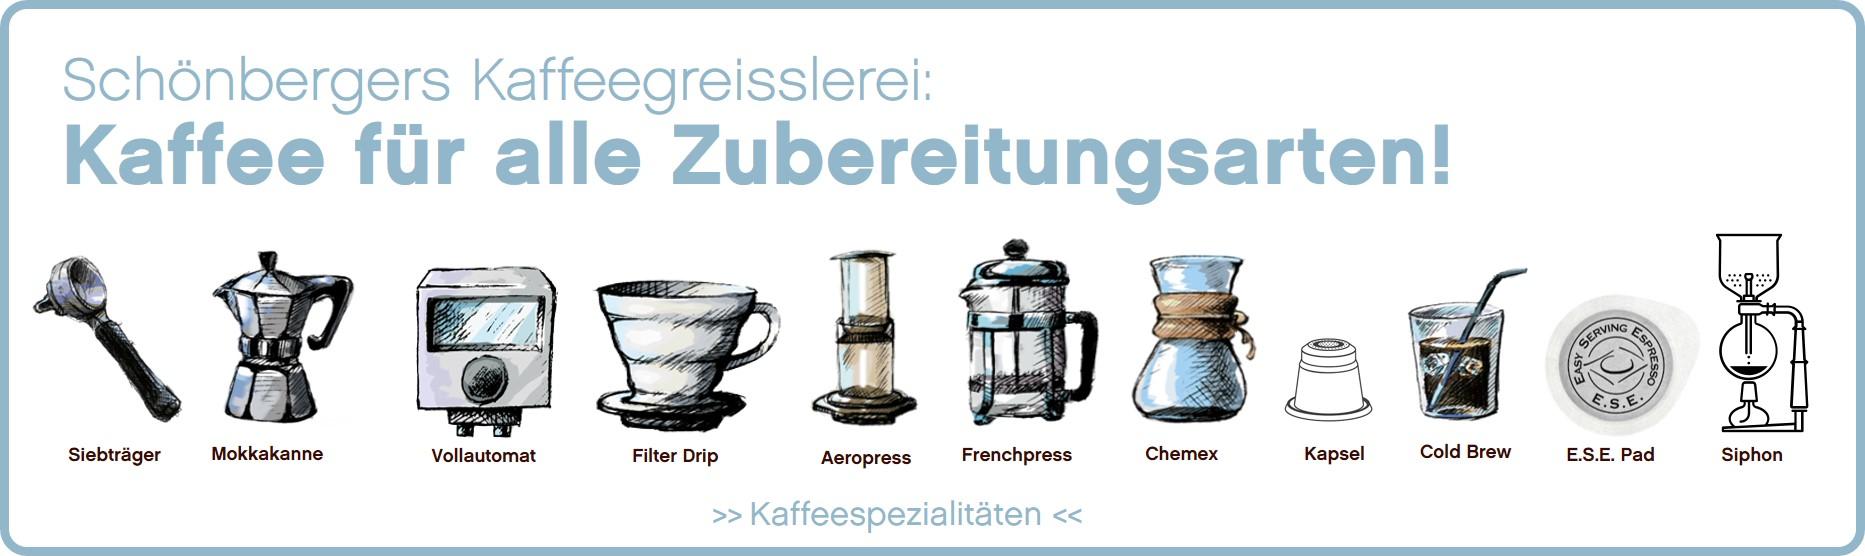 Kaffeegreisslerei für alle Zubereitungsarten_Schönbergers.jpg